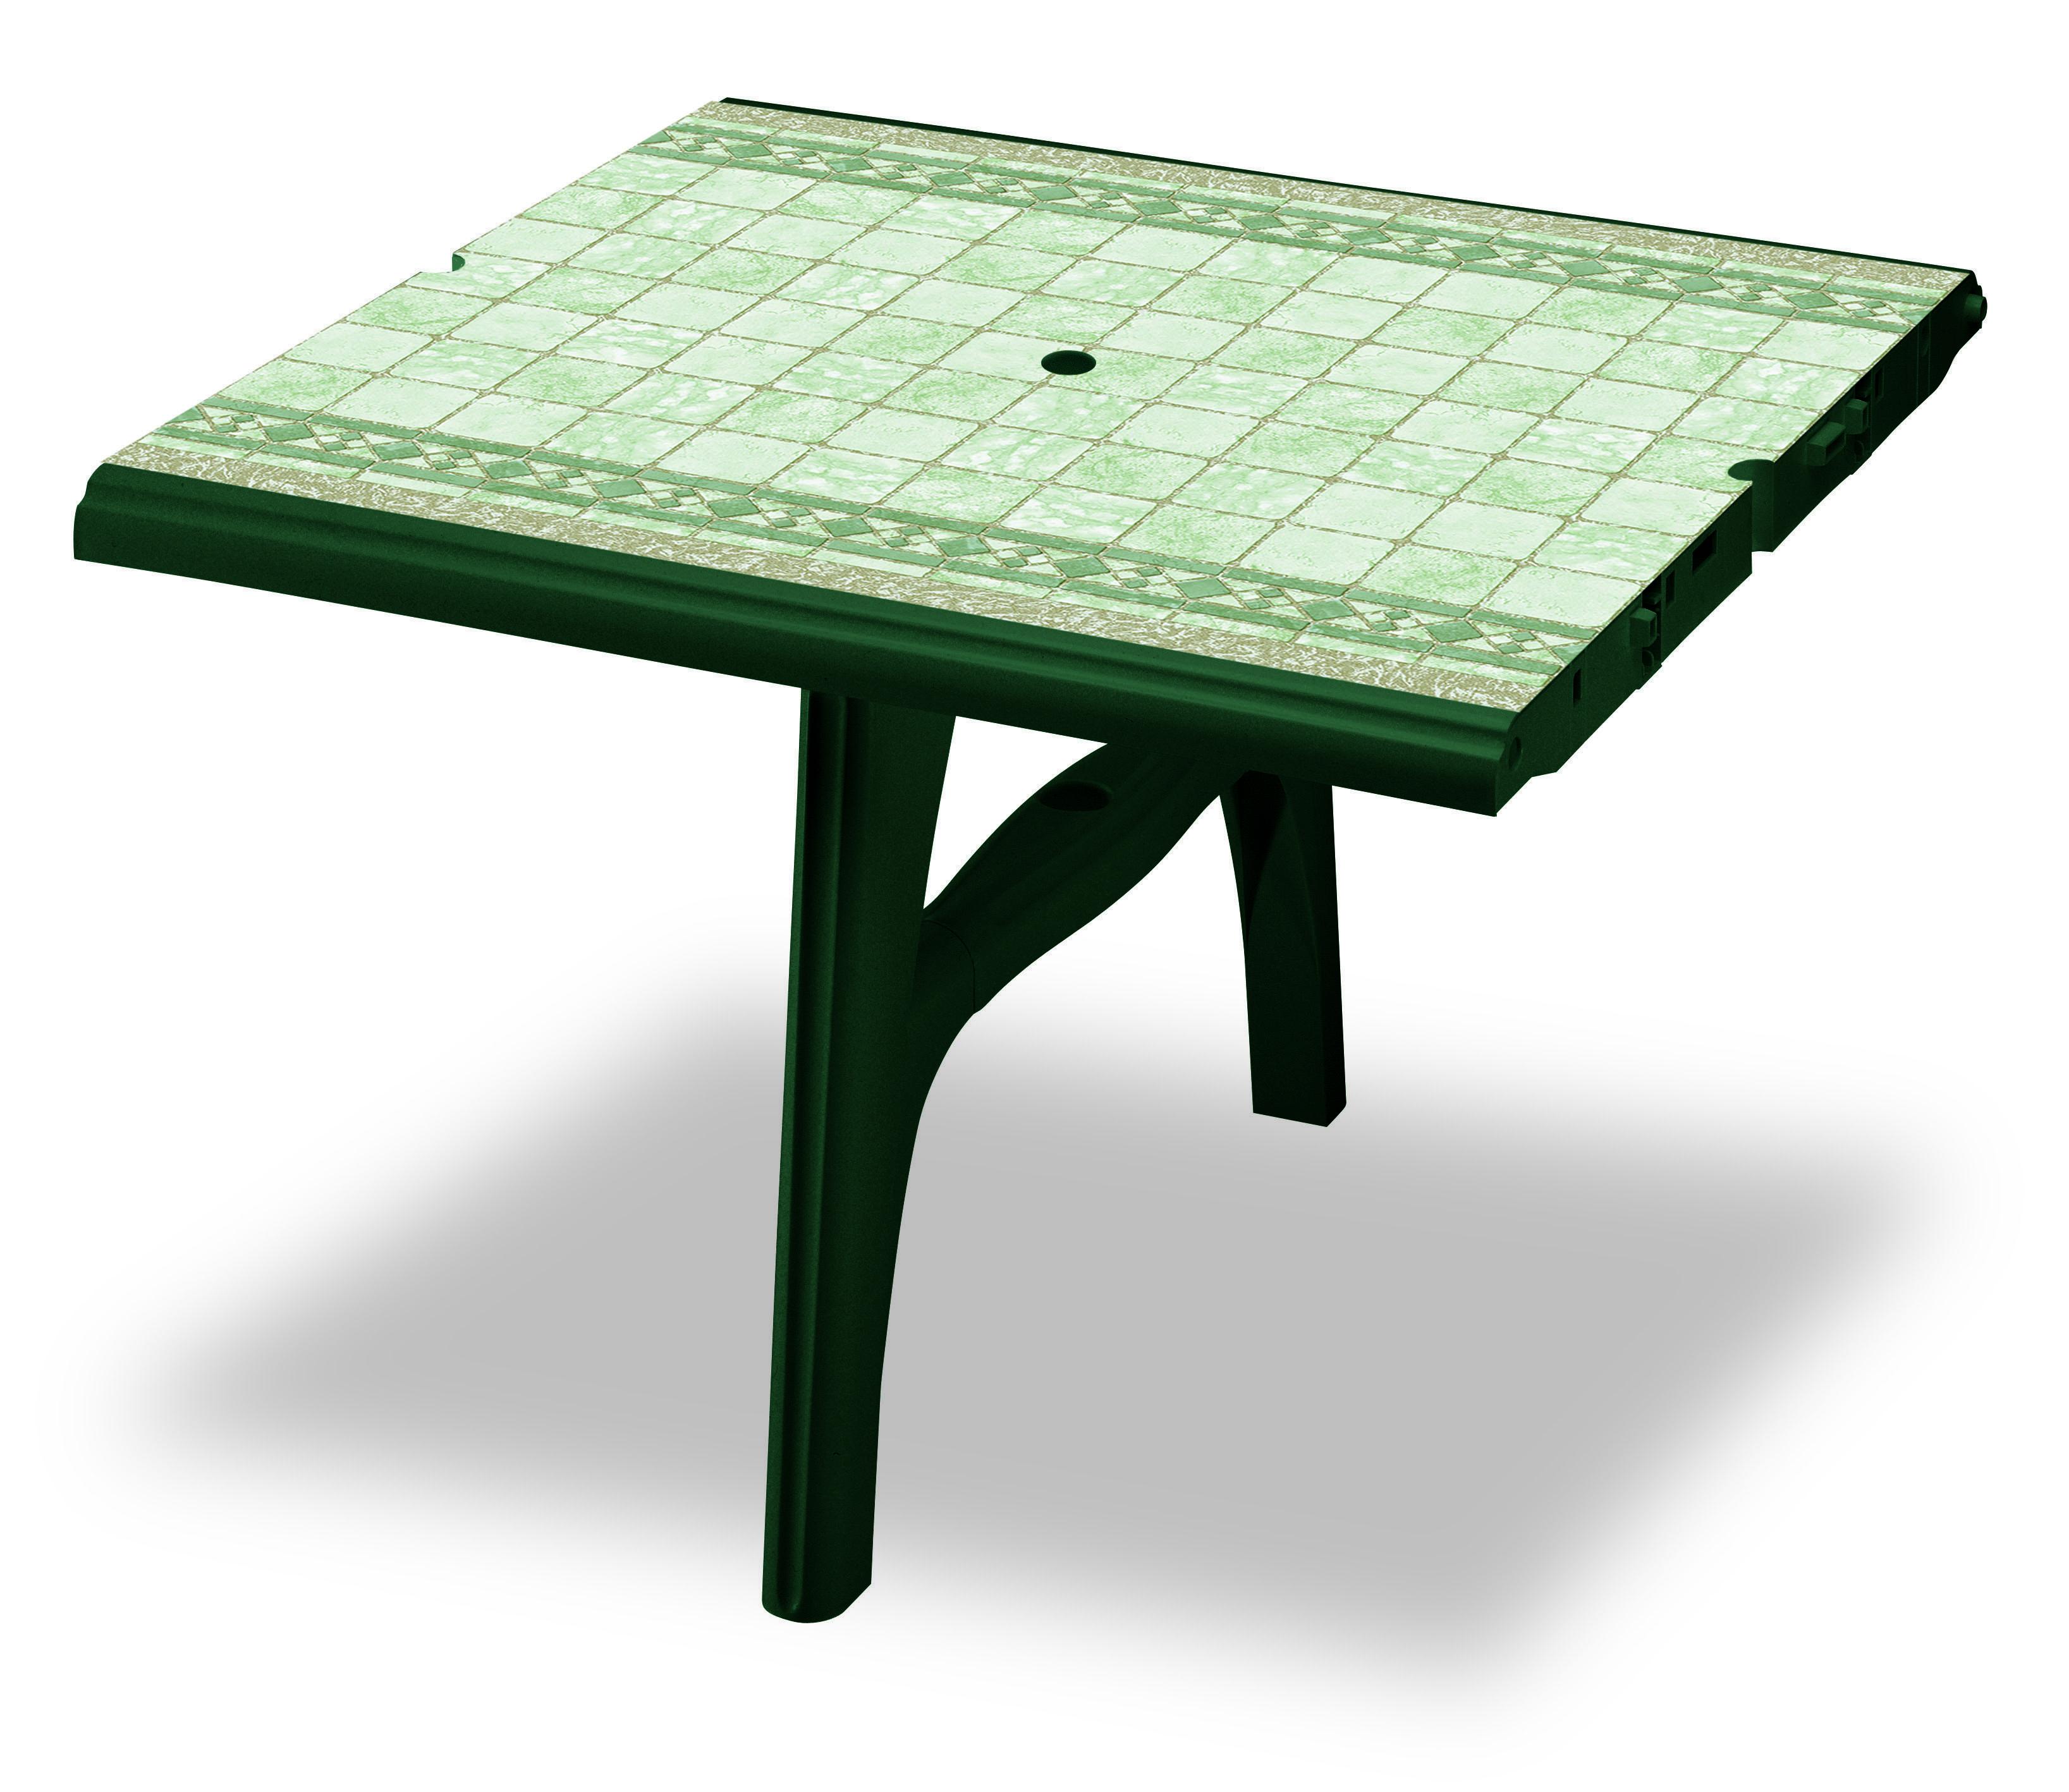 Tavoli Da Esterno Plastica Allungabili.Prolunga In Resina Per Tavolo Da Giardino President 3000 By Scab